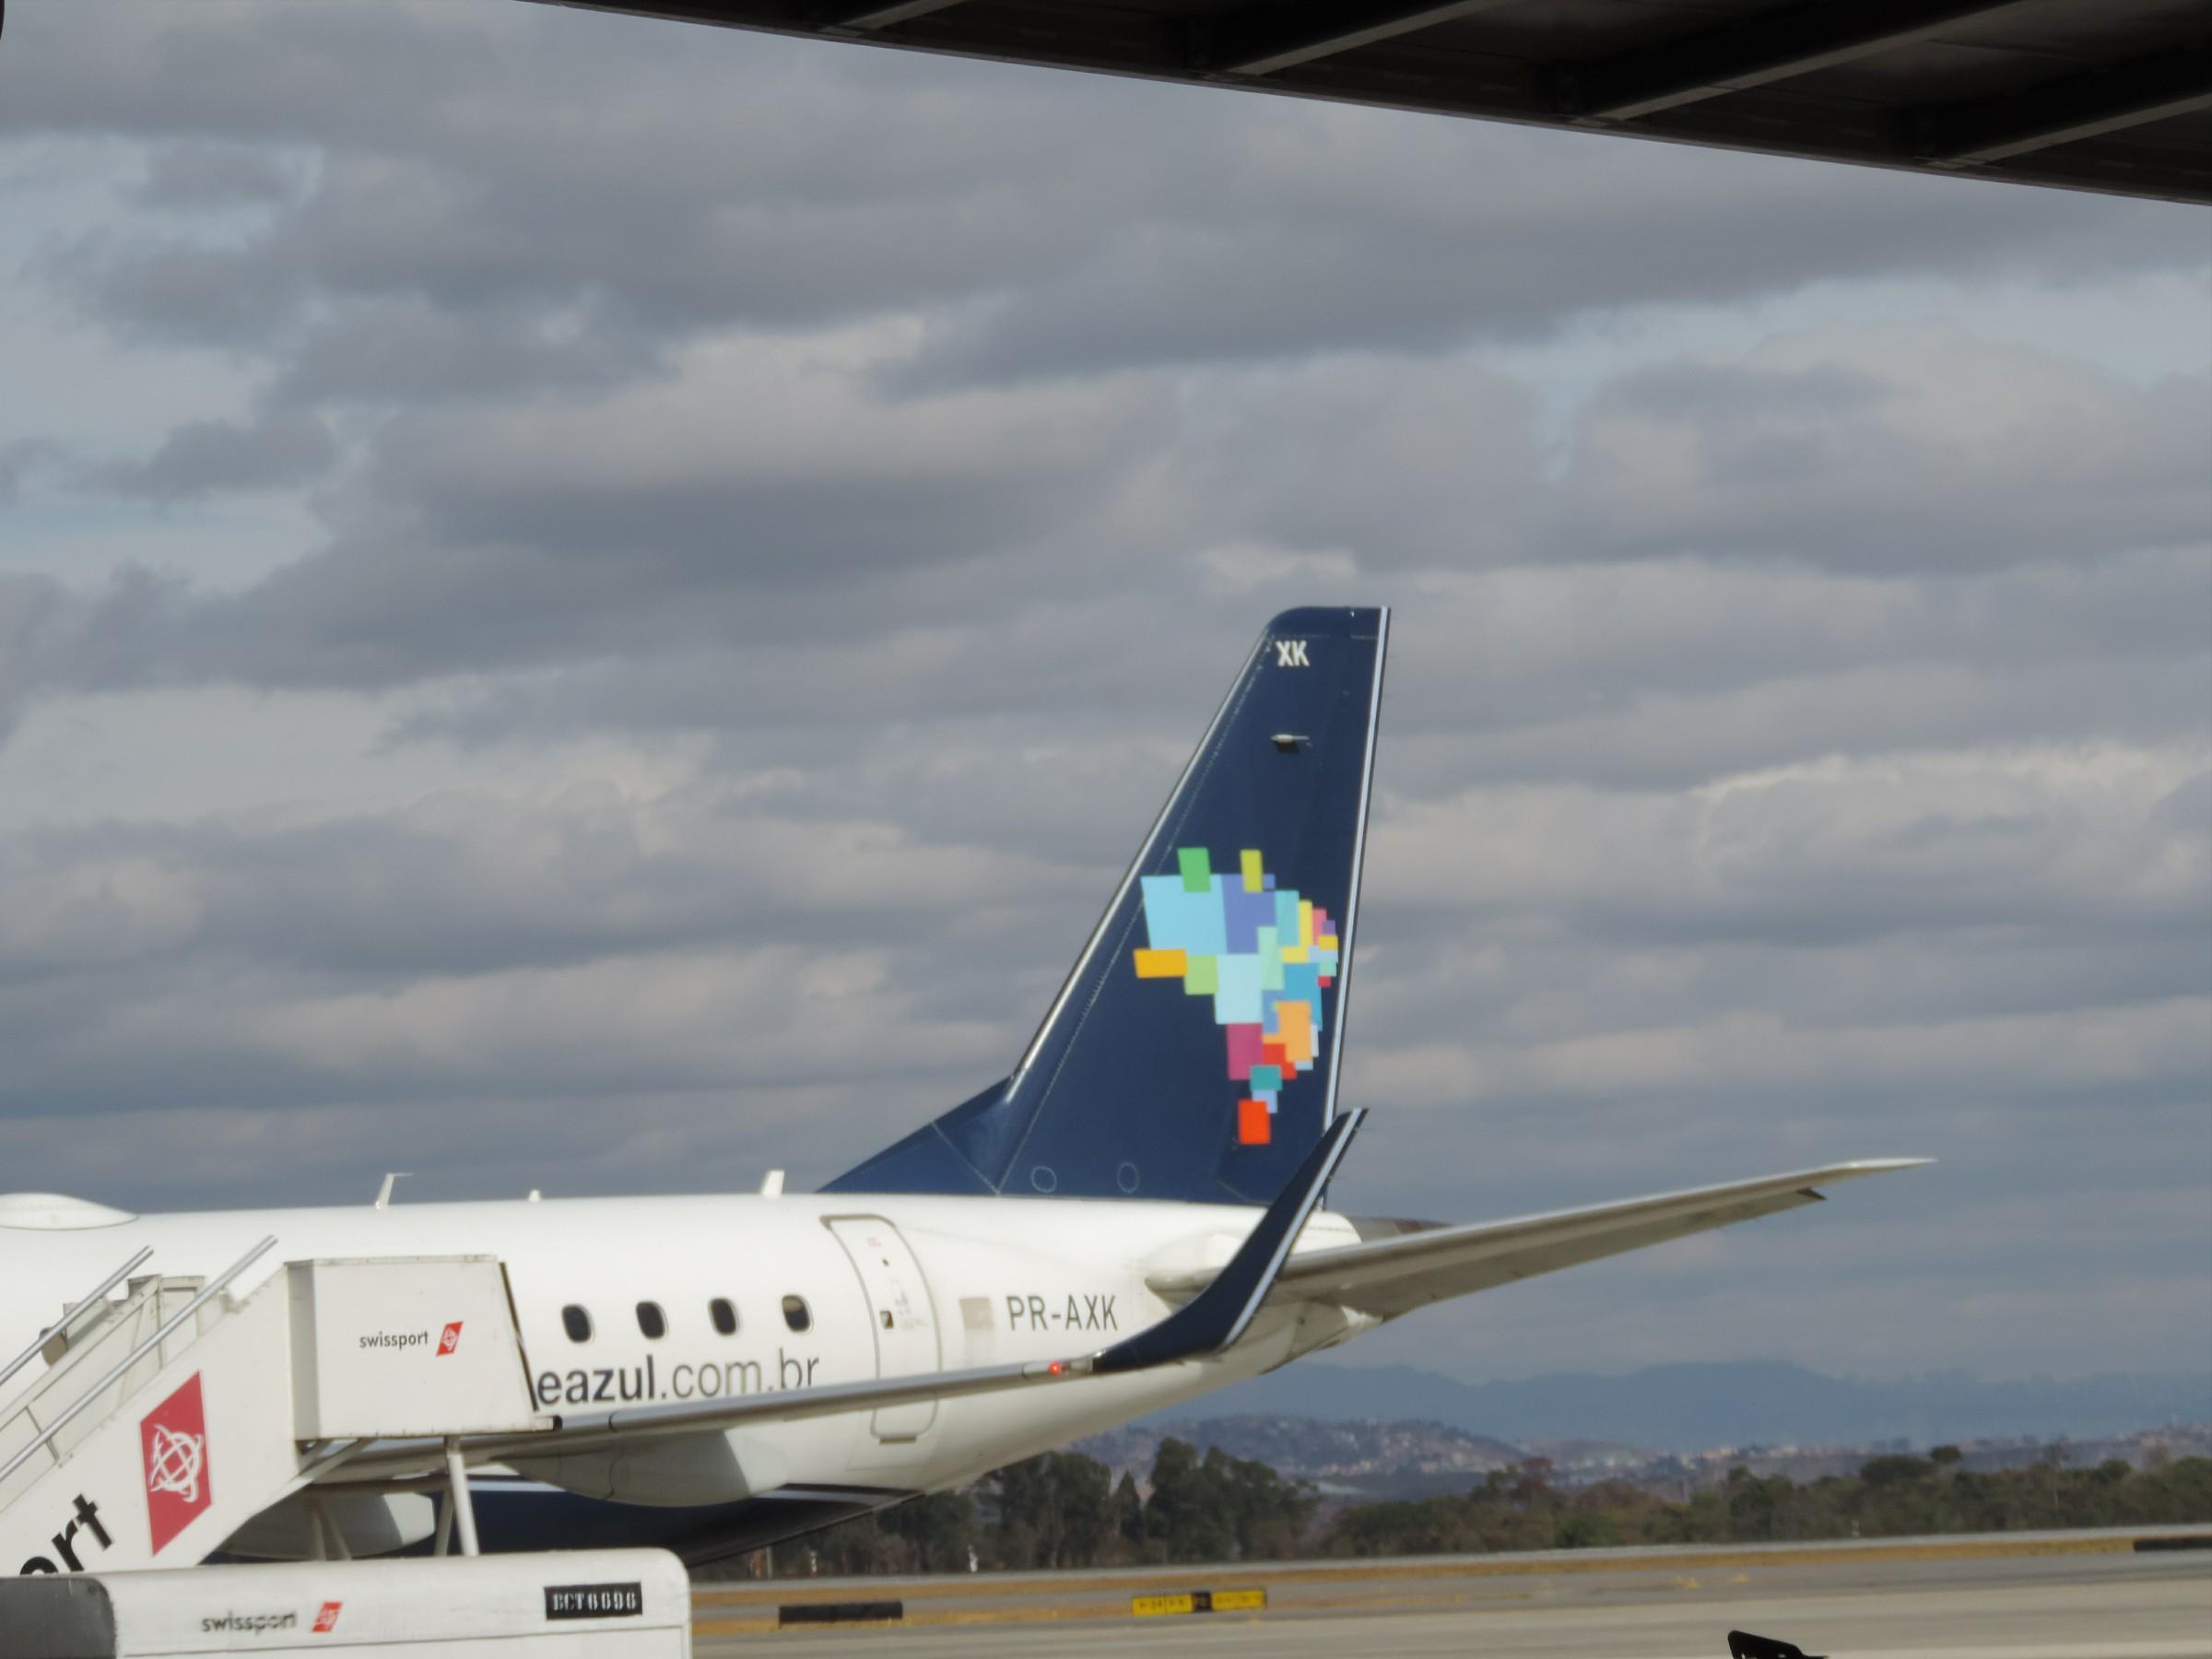 Passagens por R$ 267 nos voos São Paulo para Curitiba; veja outras promoções